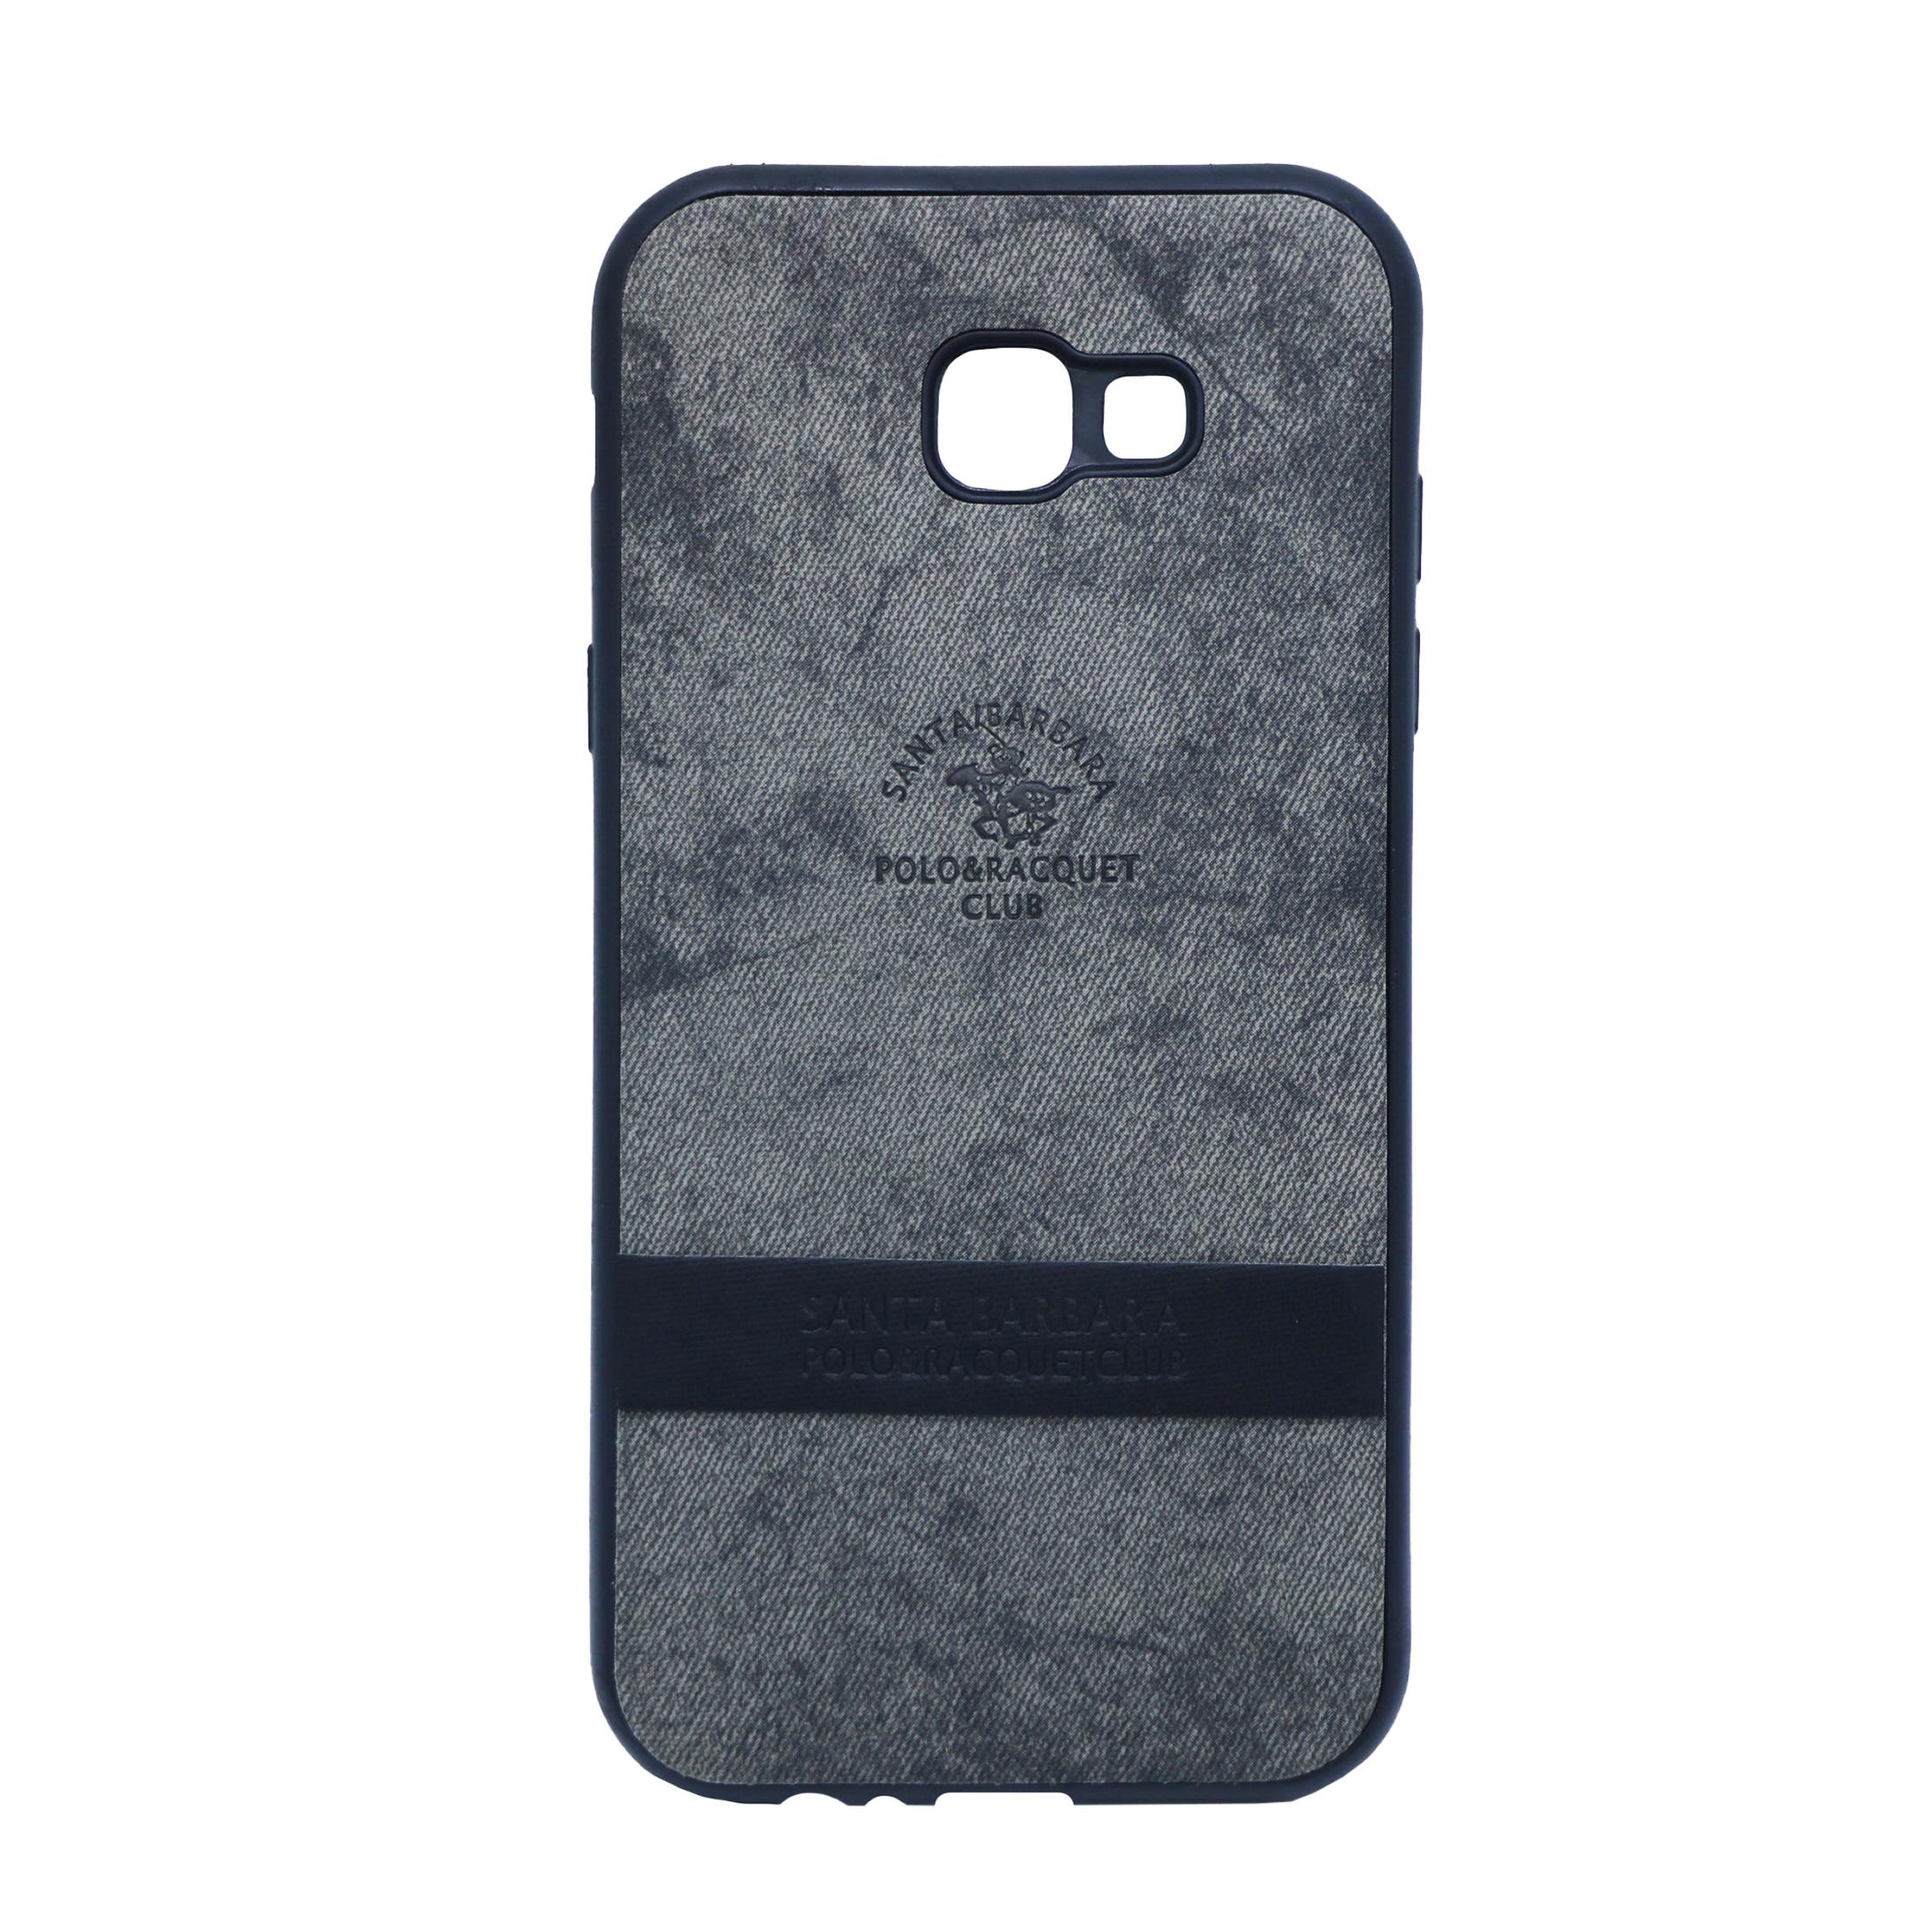 کاور مدل SANT-01 مناسب برای گوشی موبایل سامسونگ Galaxy A7 2017              ( قیمت و خرید)